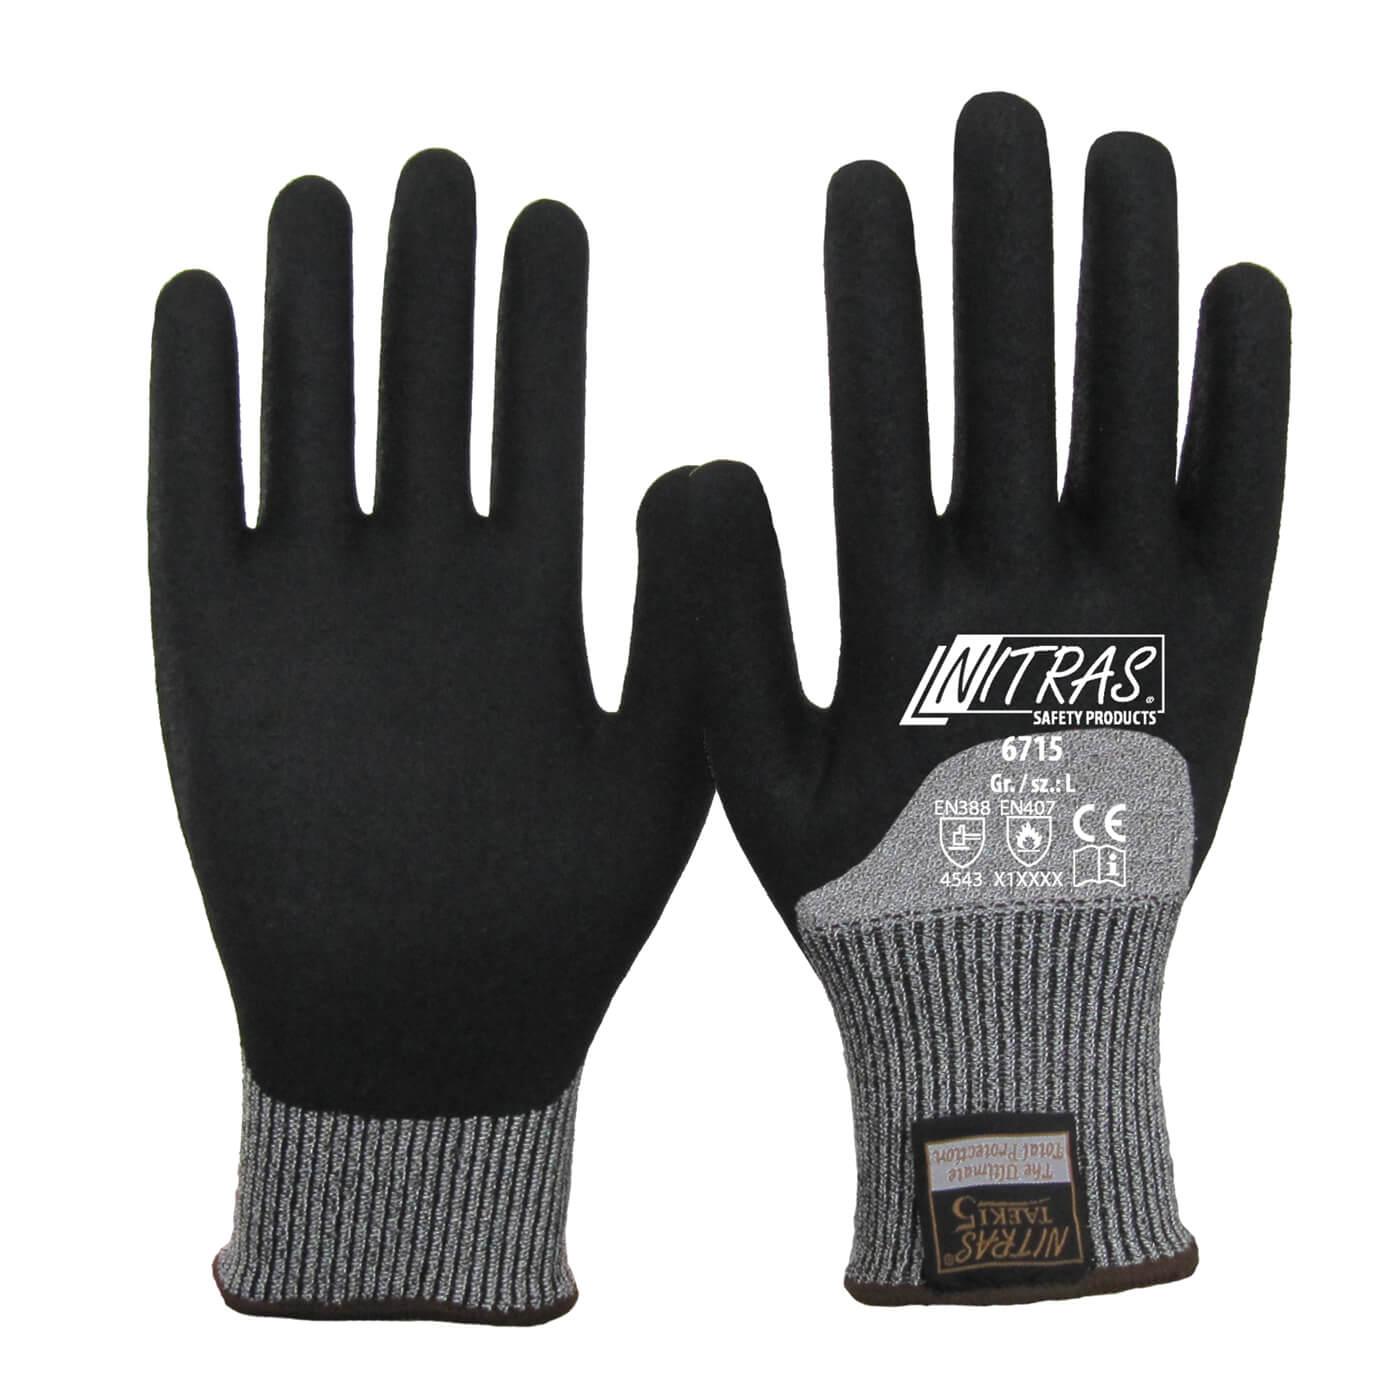 Rękawice antyprzecięciowe Nitras 6715